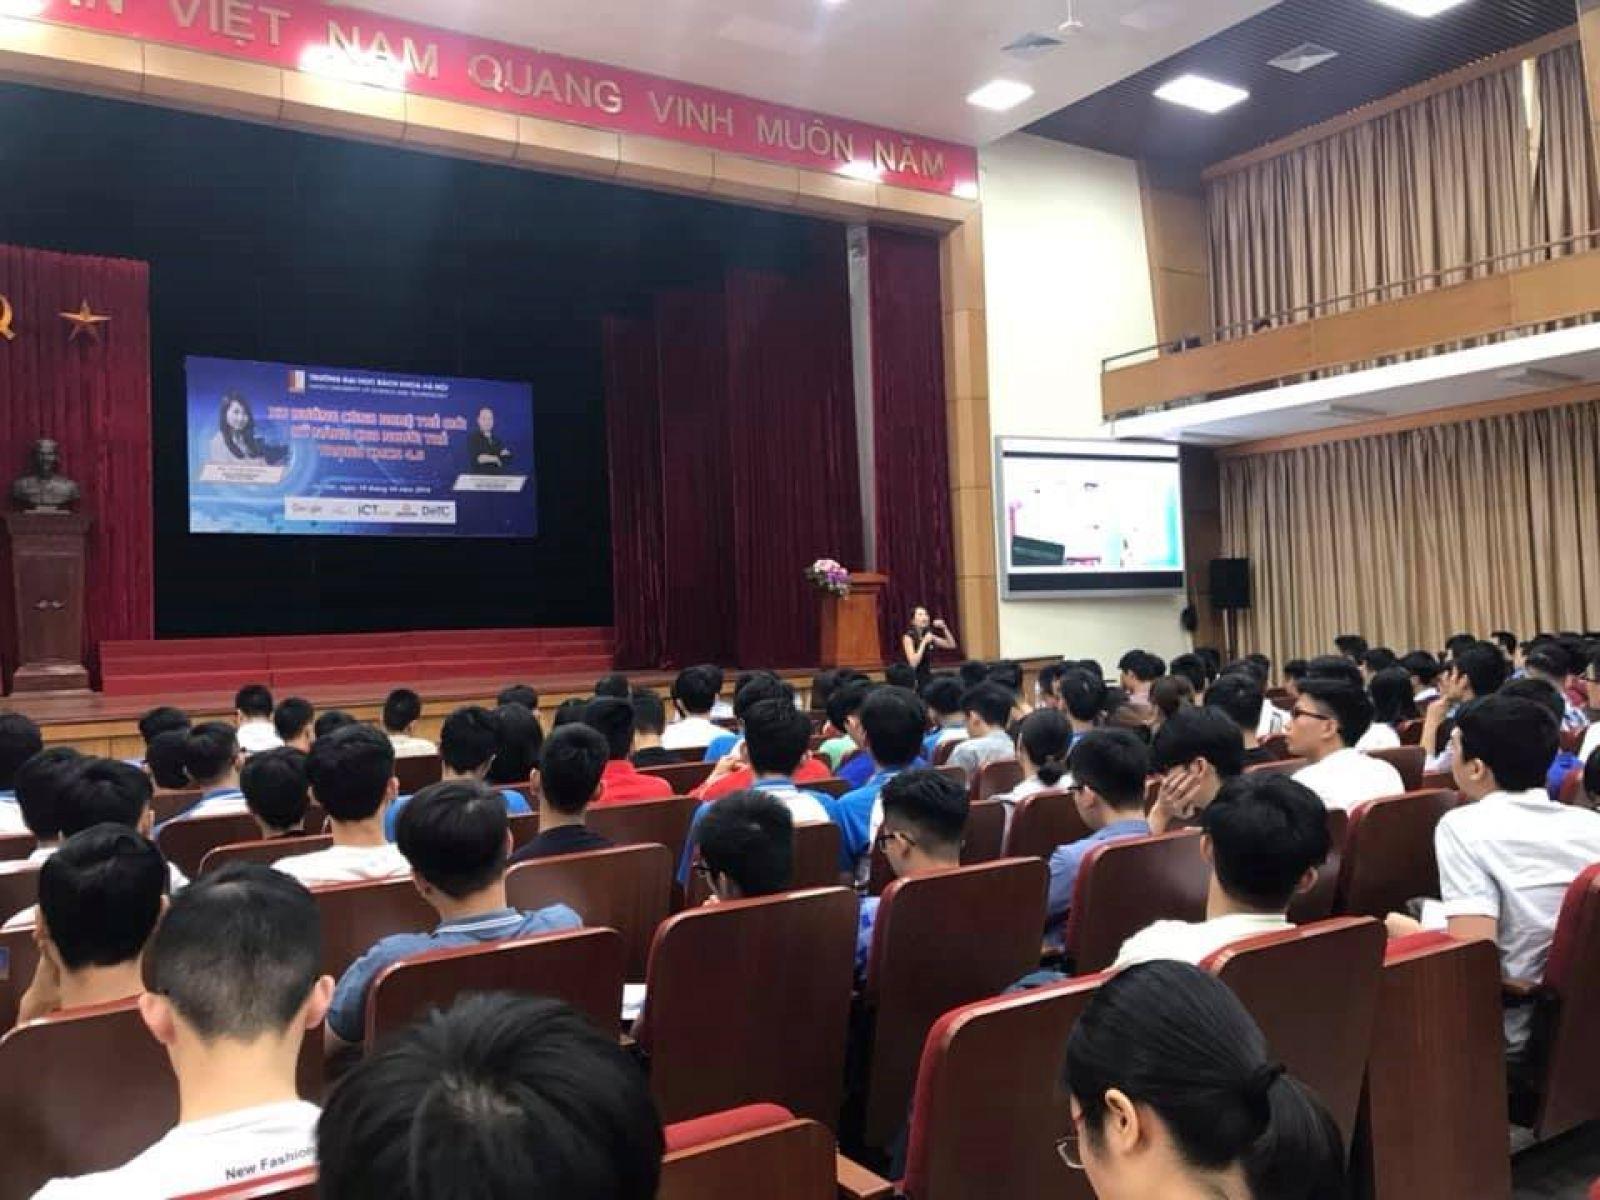 Bà Cindy Nguyễn trong buổi nói chuyện với sinh viên Đại học Bách Khoa Hà Nội sáng 19/4/2019.